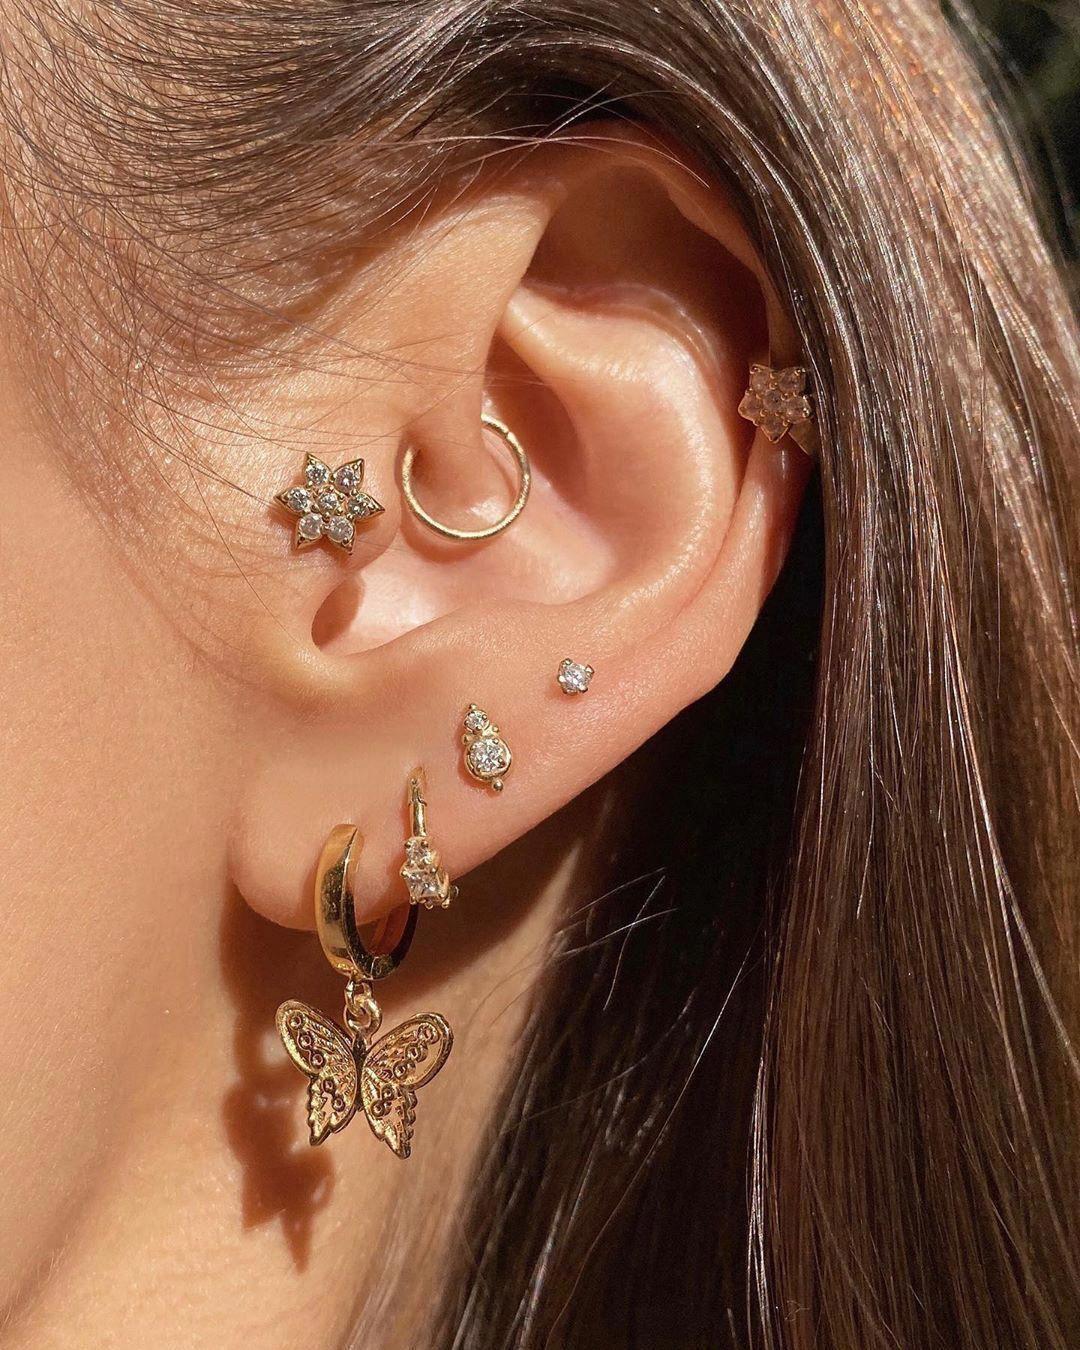 - Silver Ear Cuff, Pearl Ear Cuff, Minimal Jewelery, Silver Earrings, No Piercing Earrings,dainty